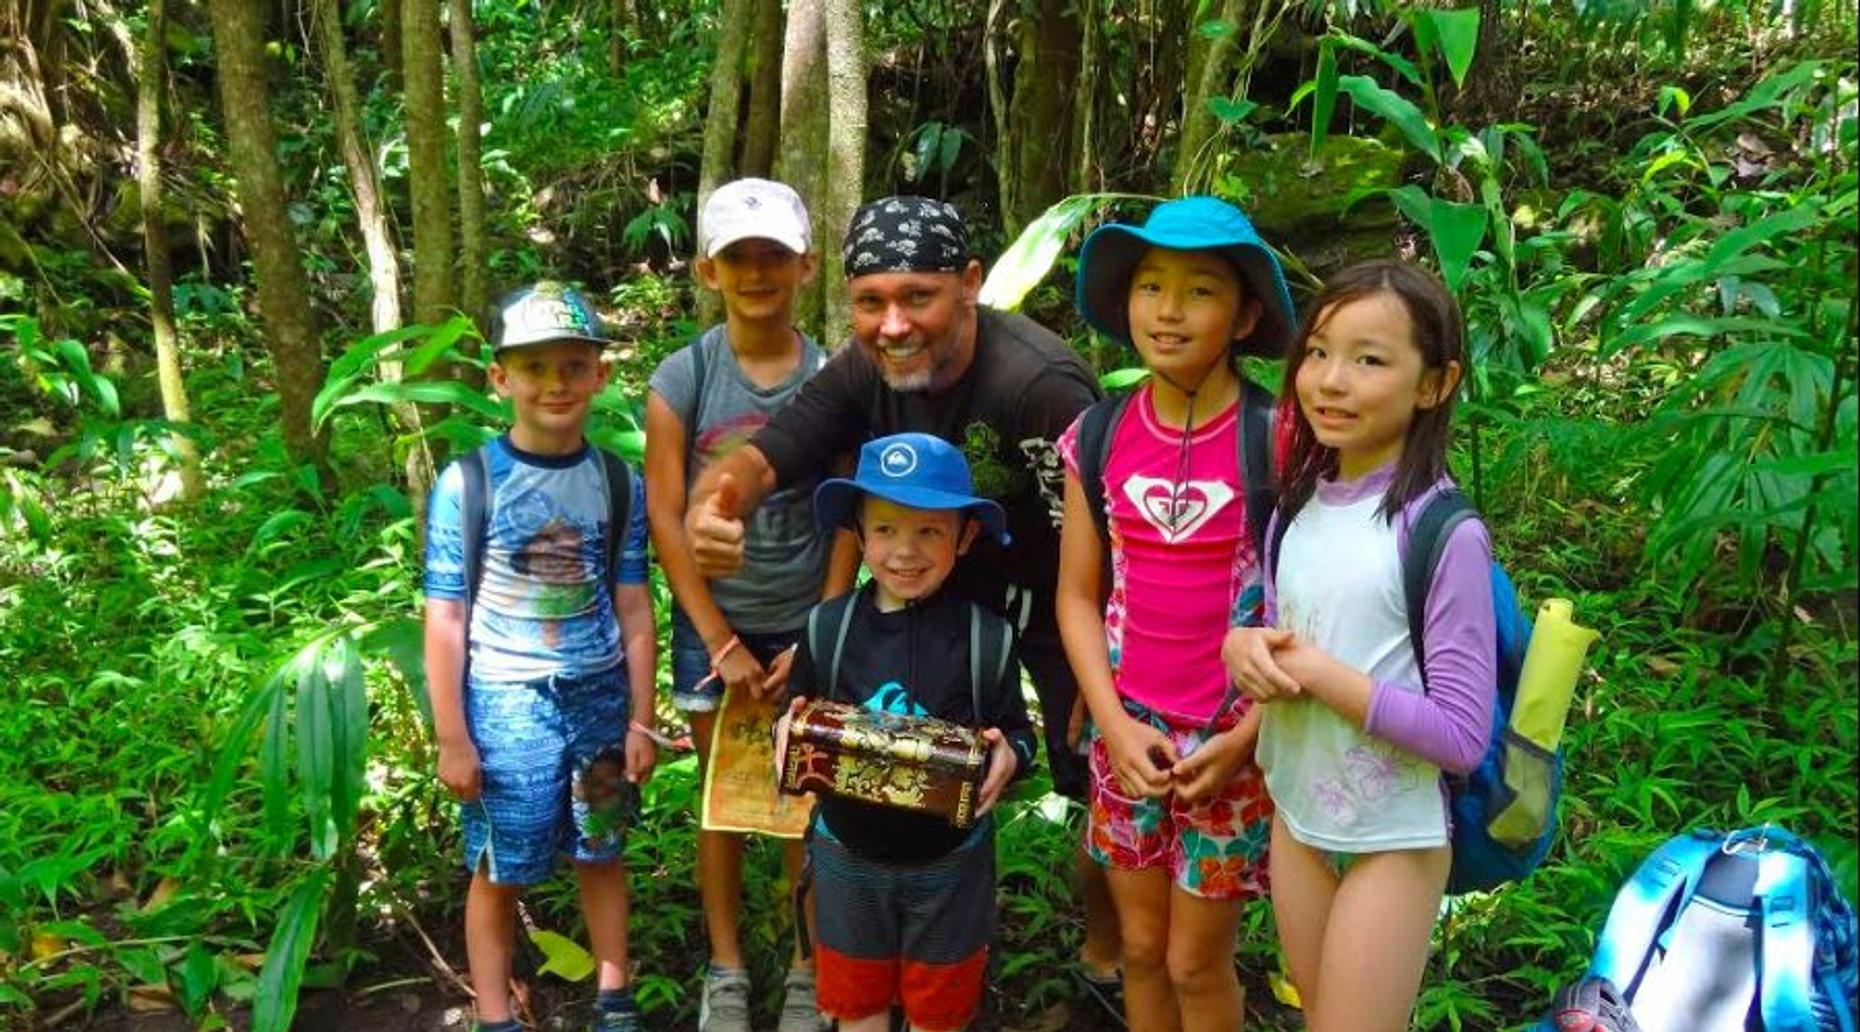 Maui Treasure Hunt Hiking Adventure